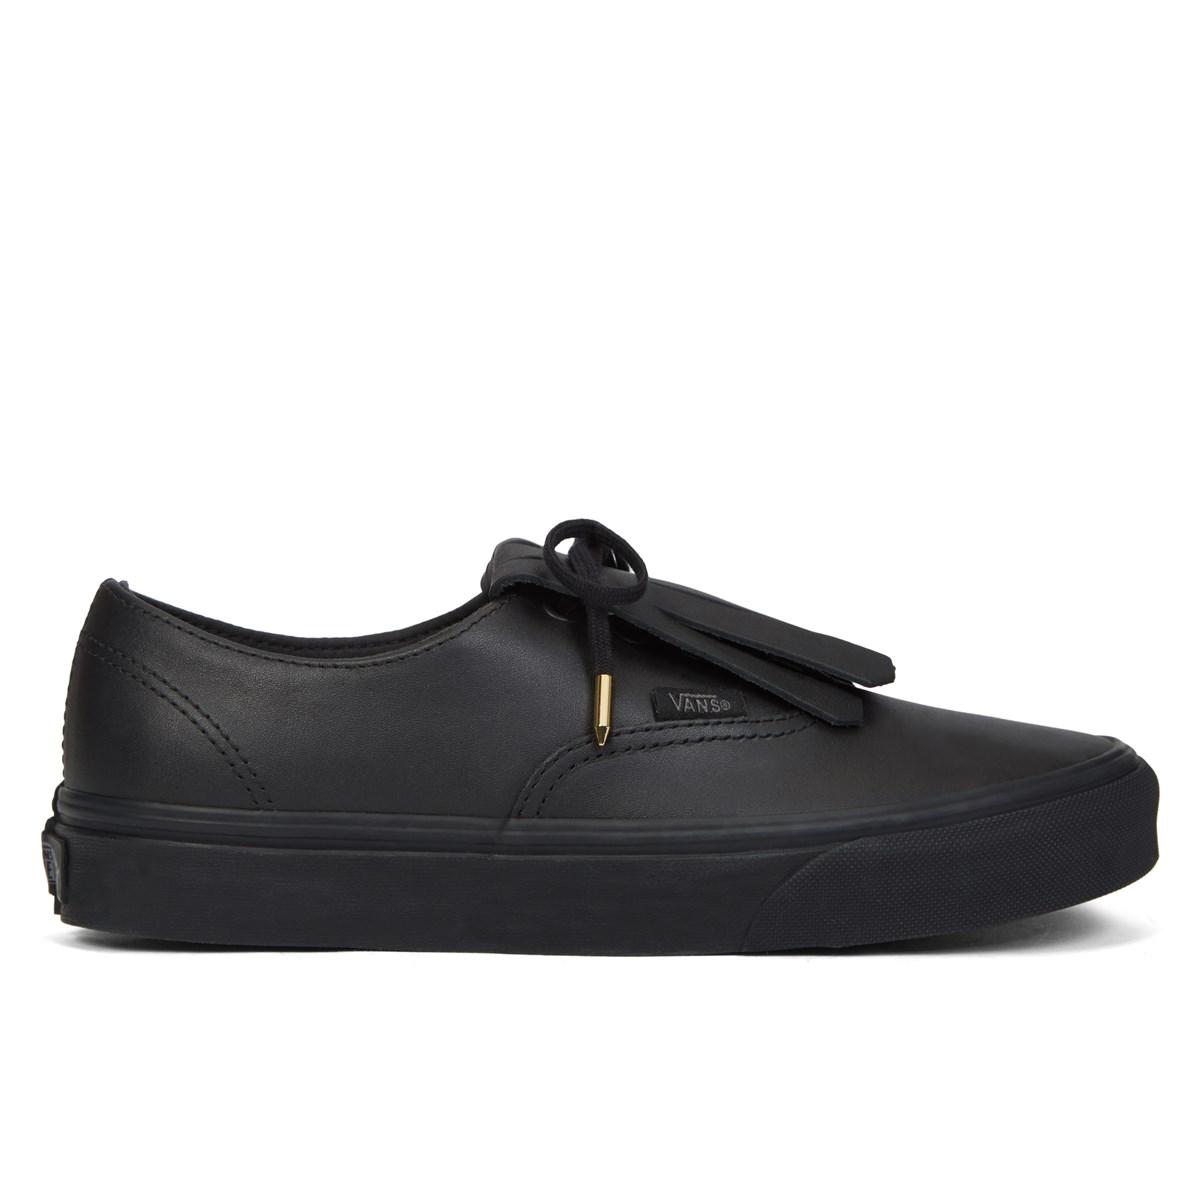 d09d74dc5a0f9f Women s Authentic Fringe Black Sneaker. Previous. default view  ALT1  ALT2